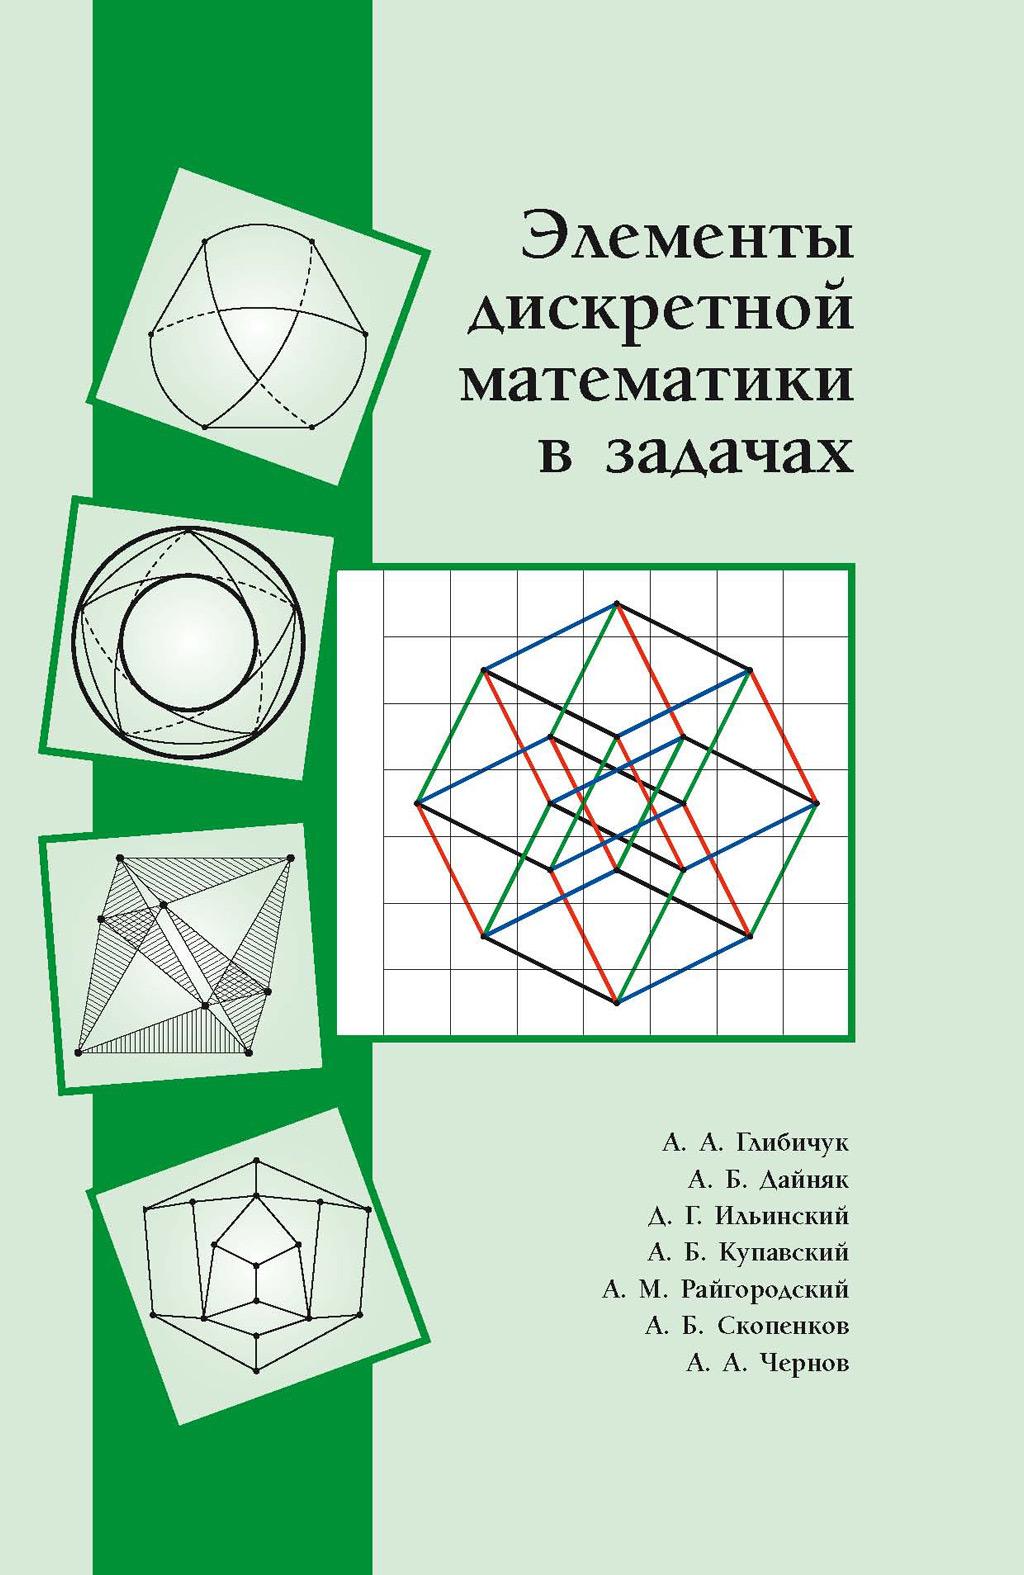 А. Б. Купавский Элементы дискретной математики в задачах цена и фото